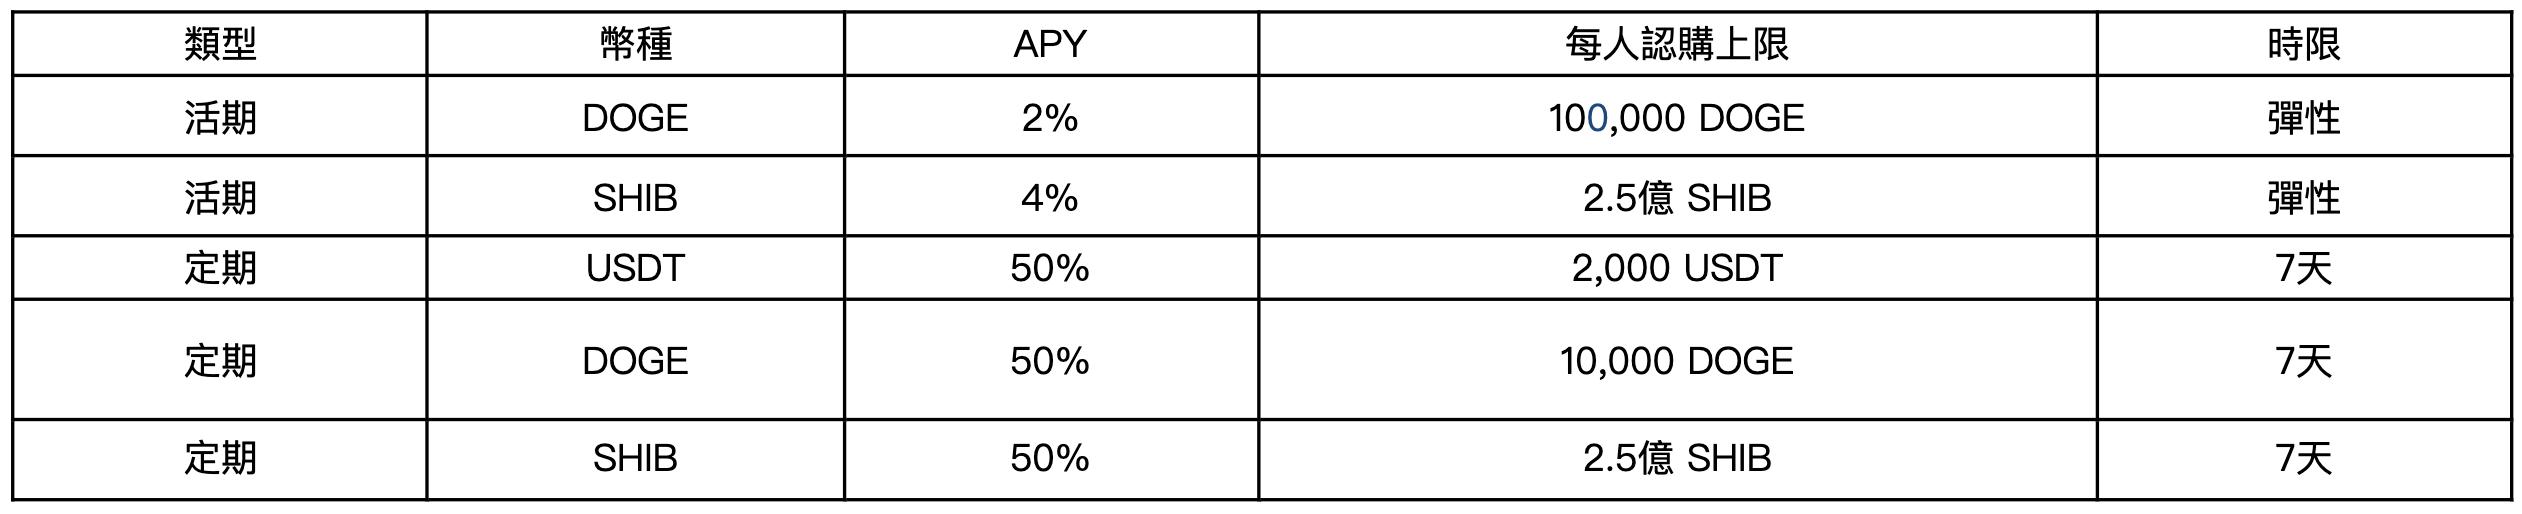 火幣迎新好禮,限時獎金 & Huobi Earn 50%年化收益率專屬福利